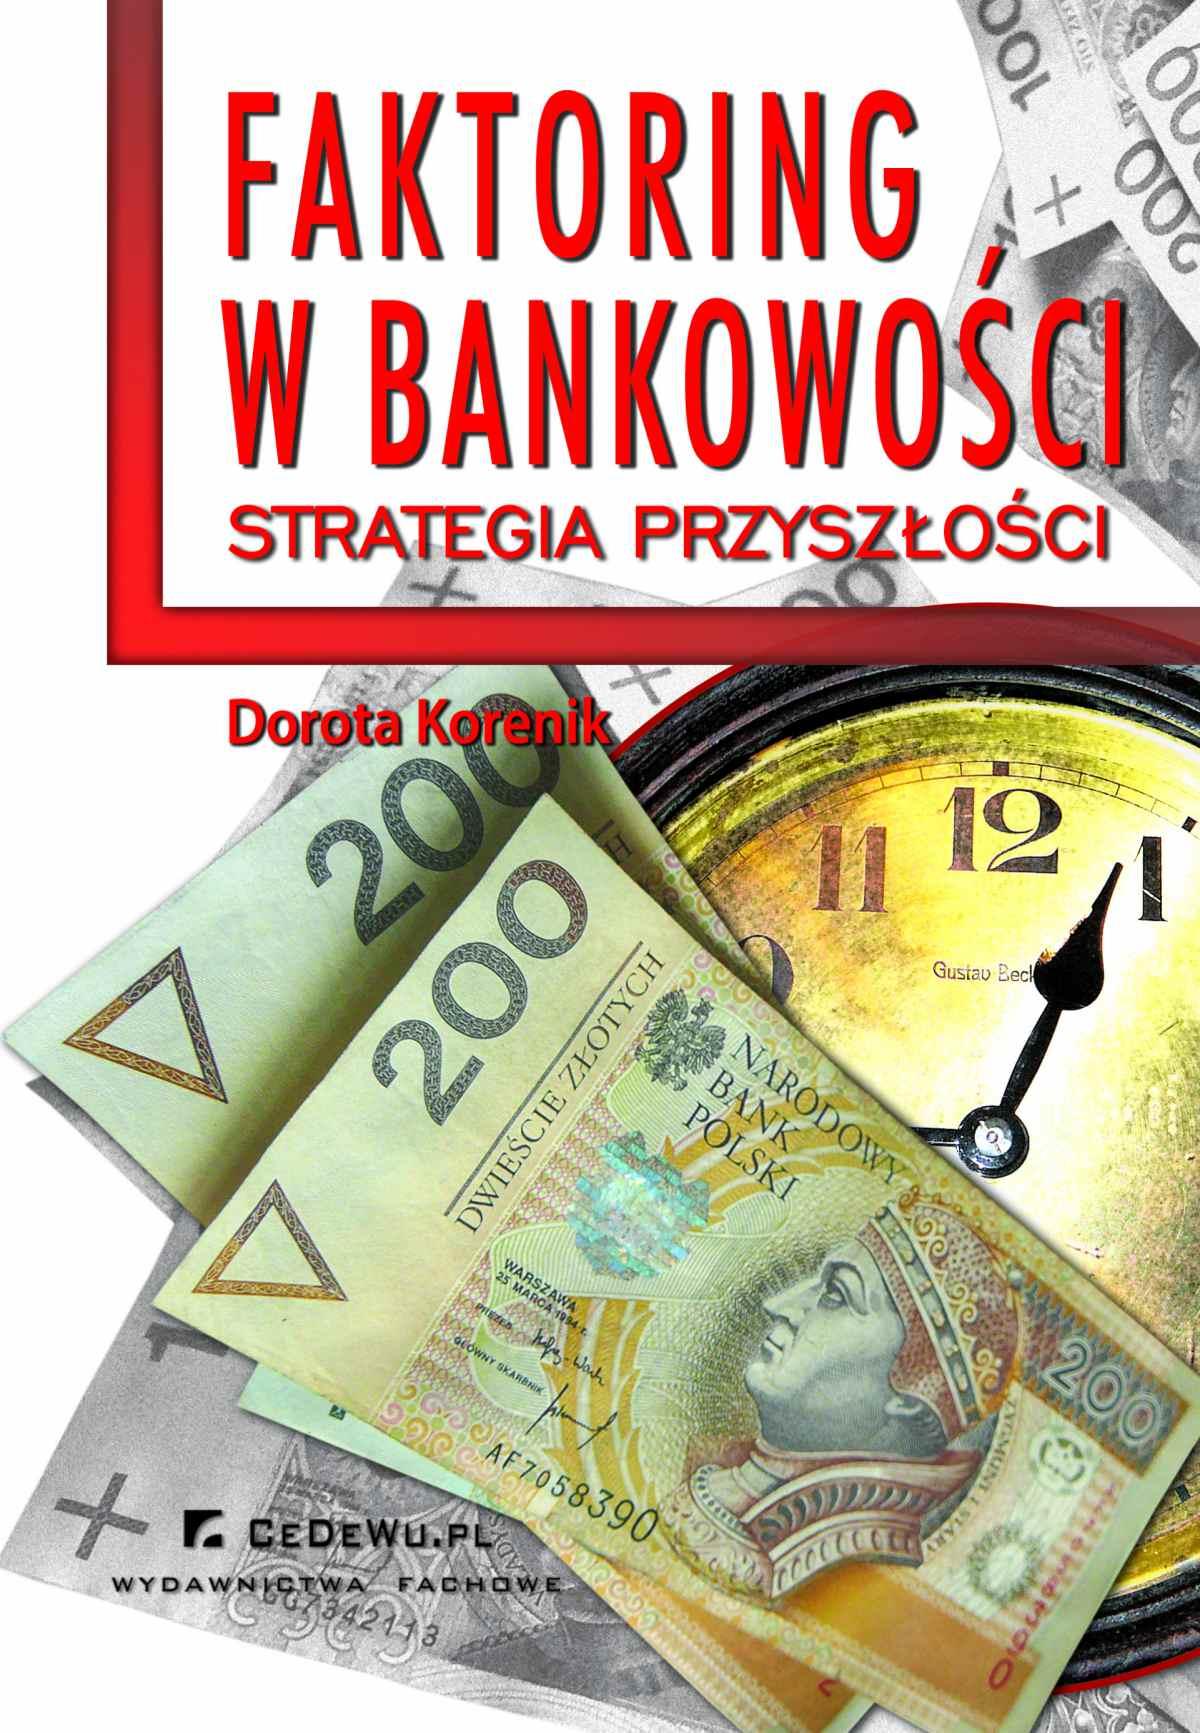 Faktoring w bankowości - strategia przyszłości. Rozdział 4. Aspekt przewagi konkurencyjnej i konkurencyjności banku w branży faktoringowej - Ebook (Książka PDF) do pobrania w formacie PDF